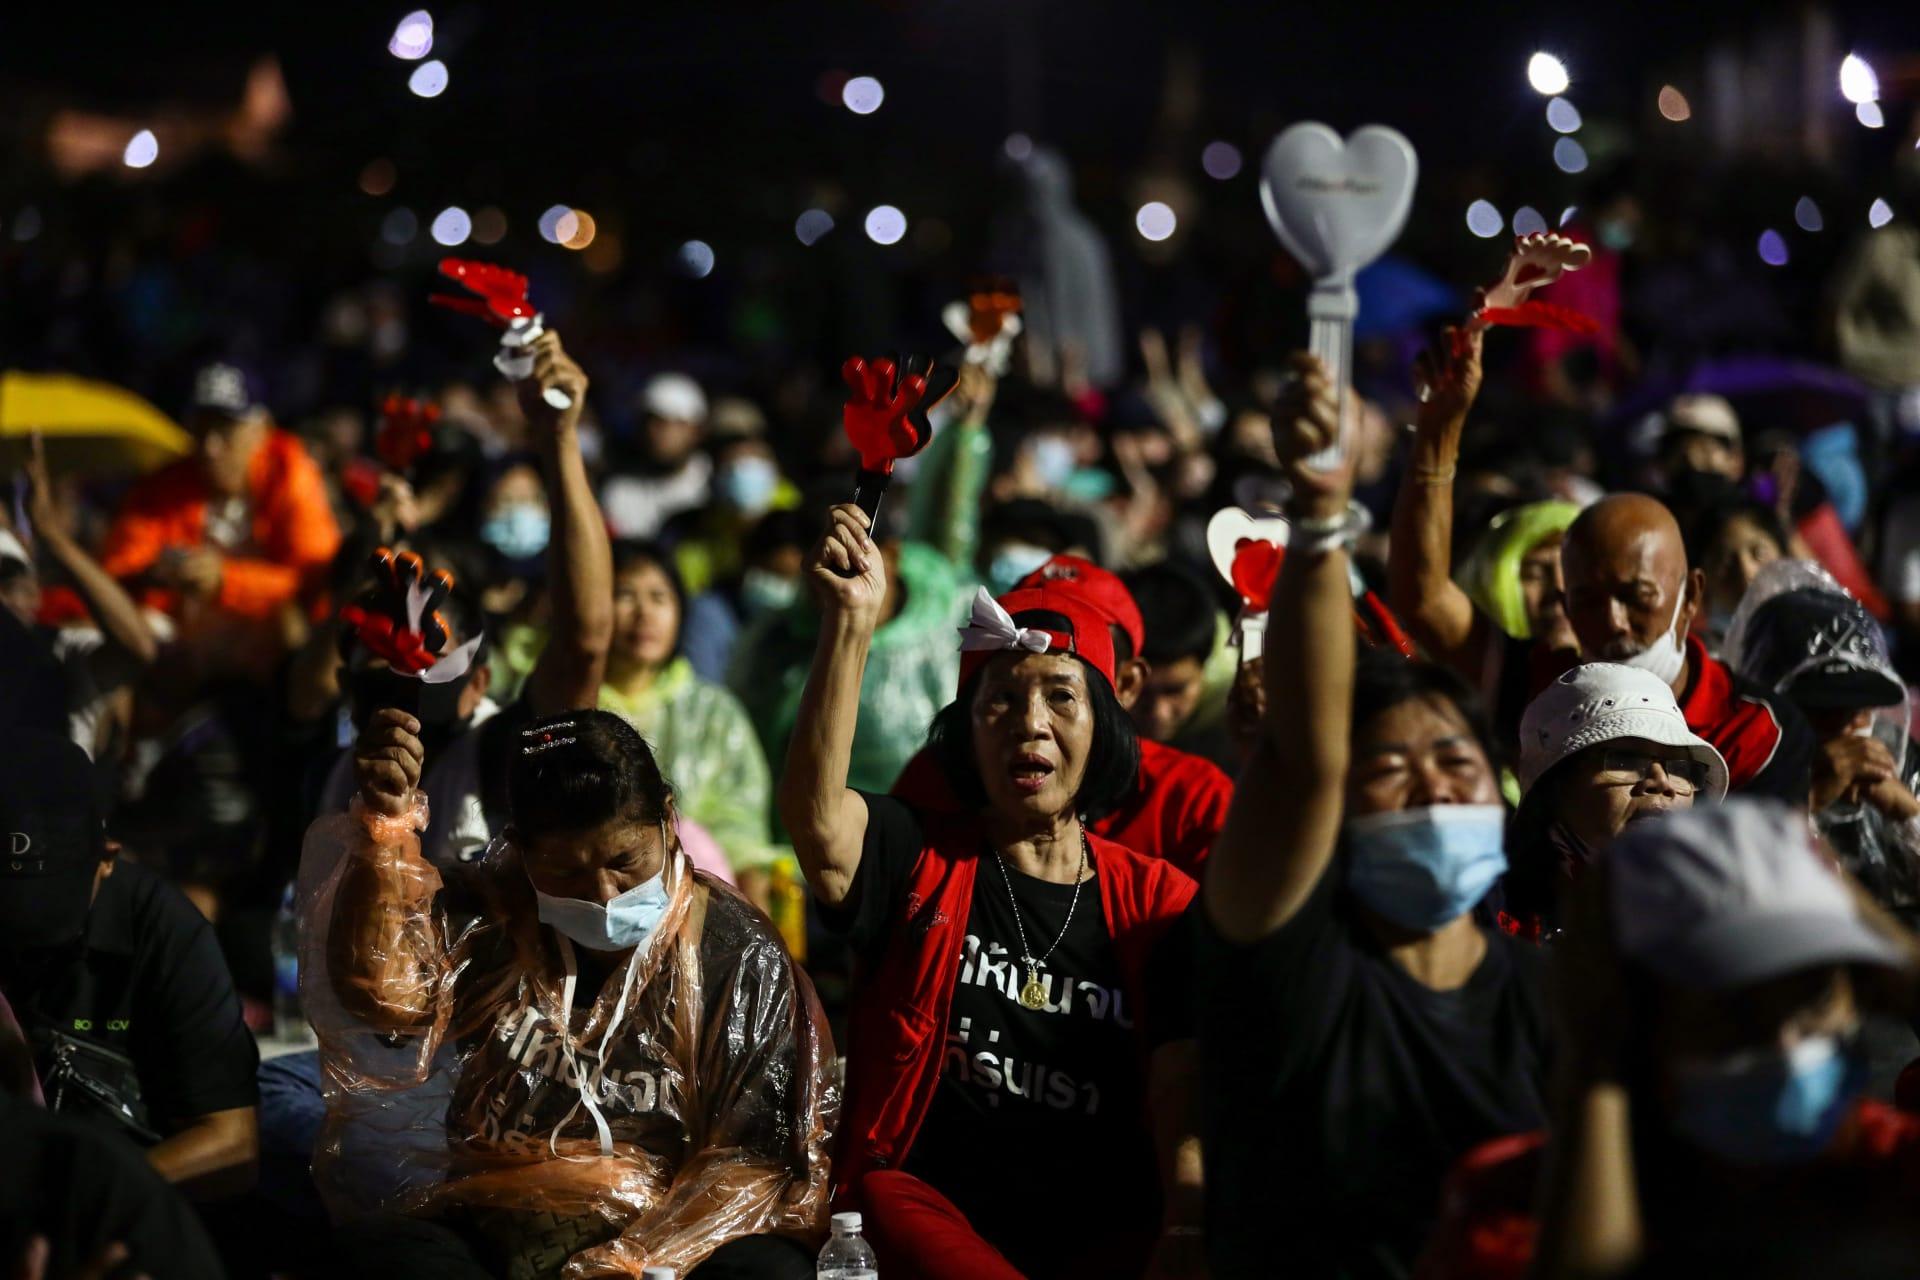 """متظاهرو تايلاند يعلنون """"النصر"""" في مسيرات إصلاح الملكية بعد تسليم مطالبهم للسلطات"""